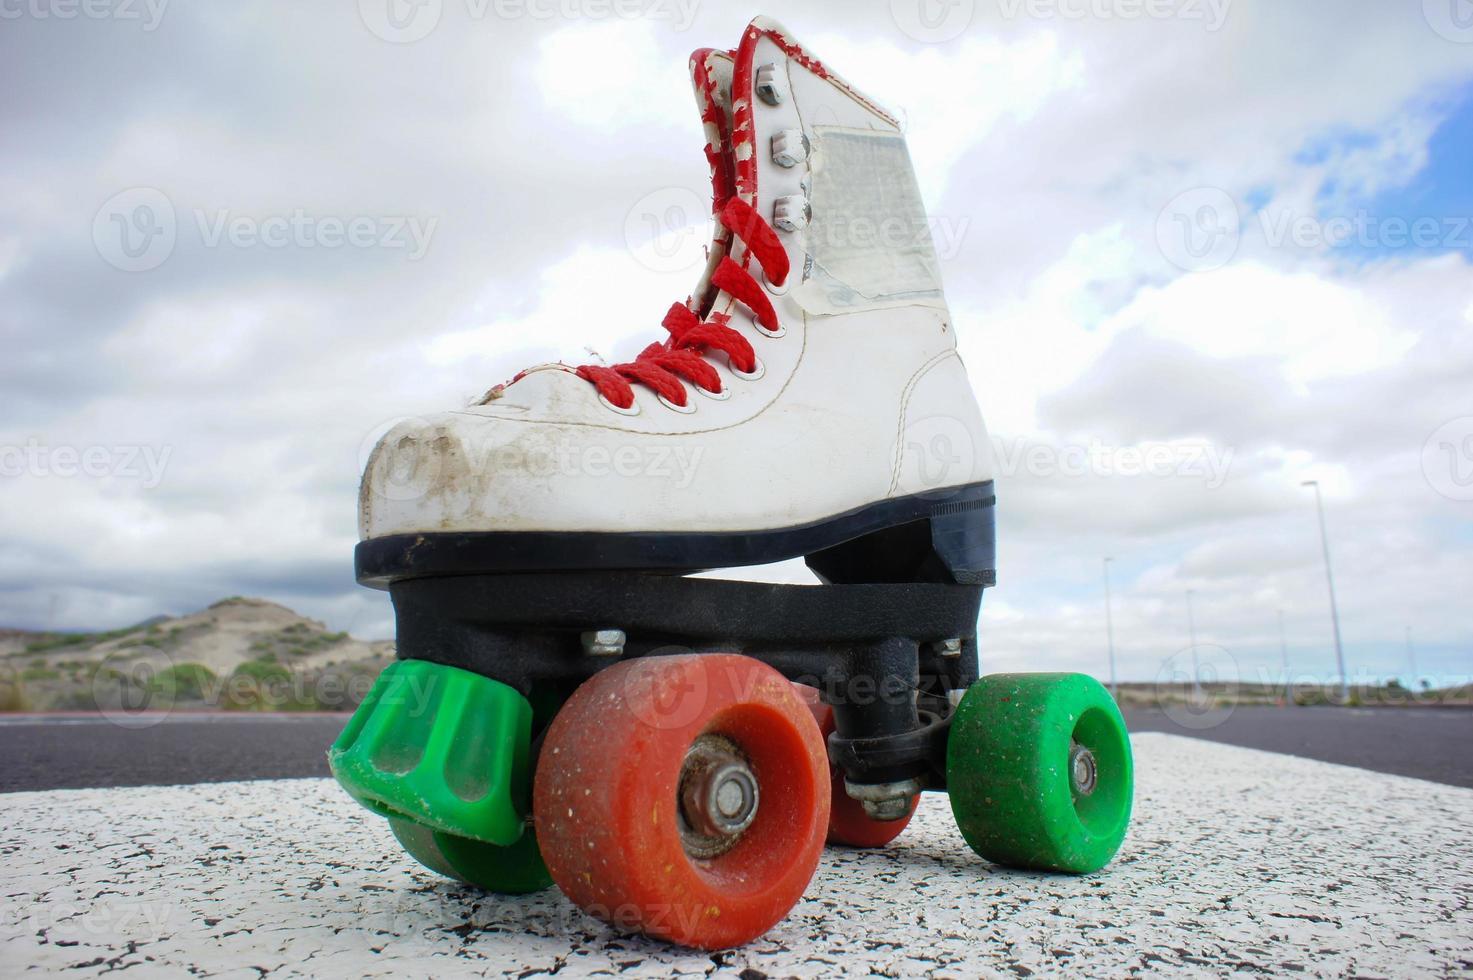 vieja bota de skate blanca vintage foto